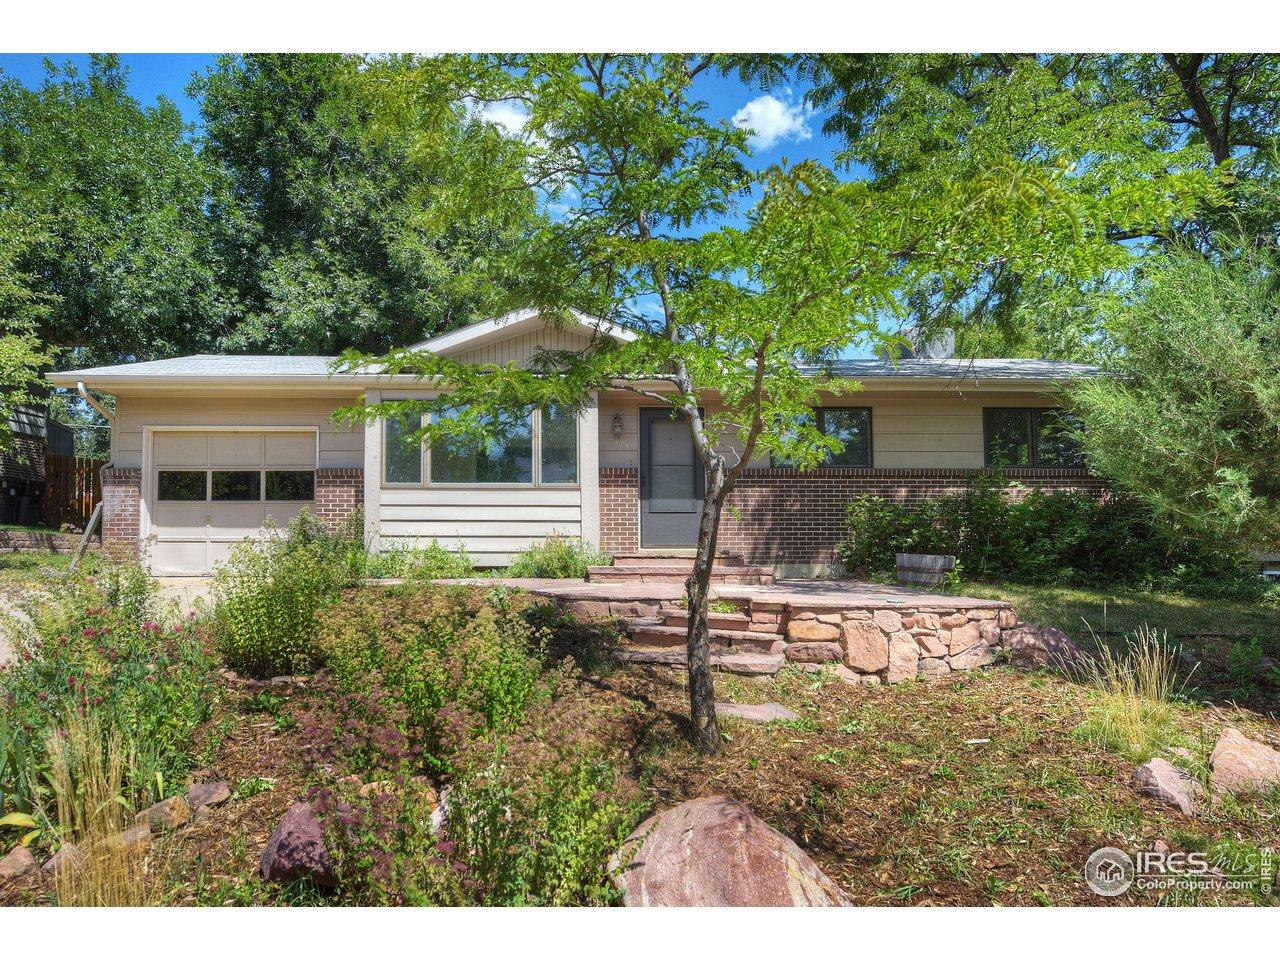 3415 Everett Dr, Boulder CO 80305